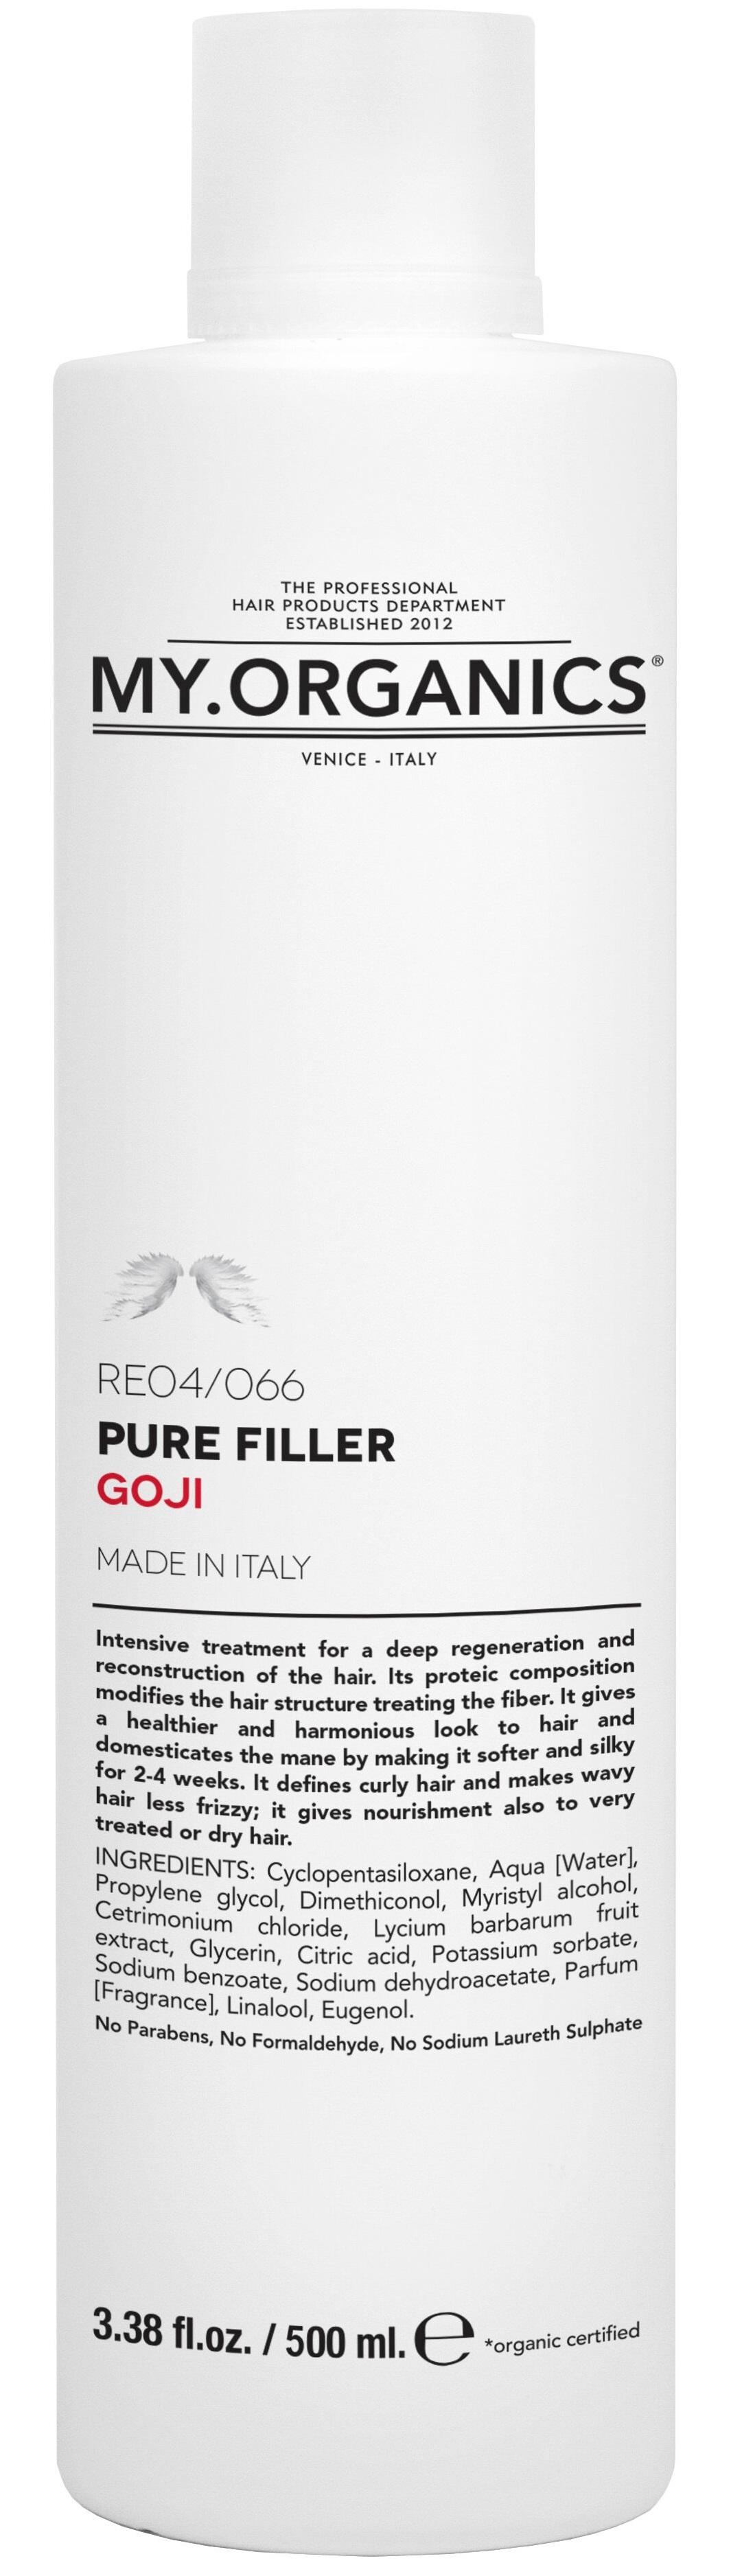 MY.ORGANICS Pure Filler Goji 500ml